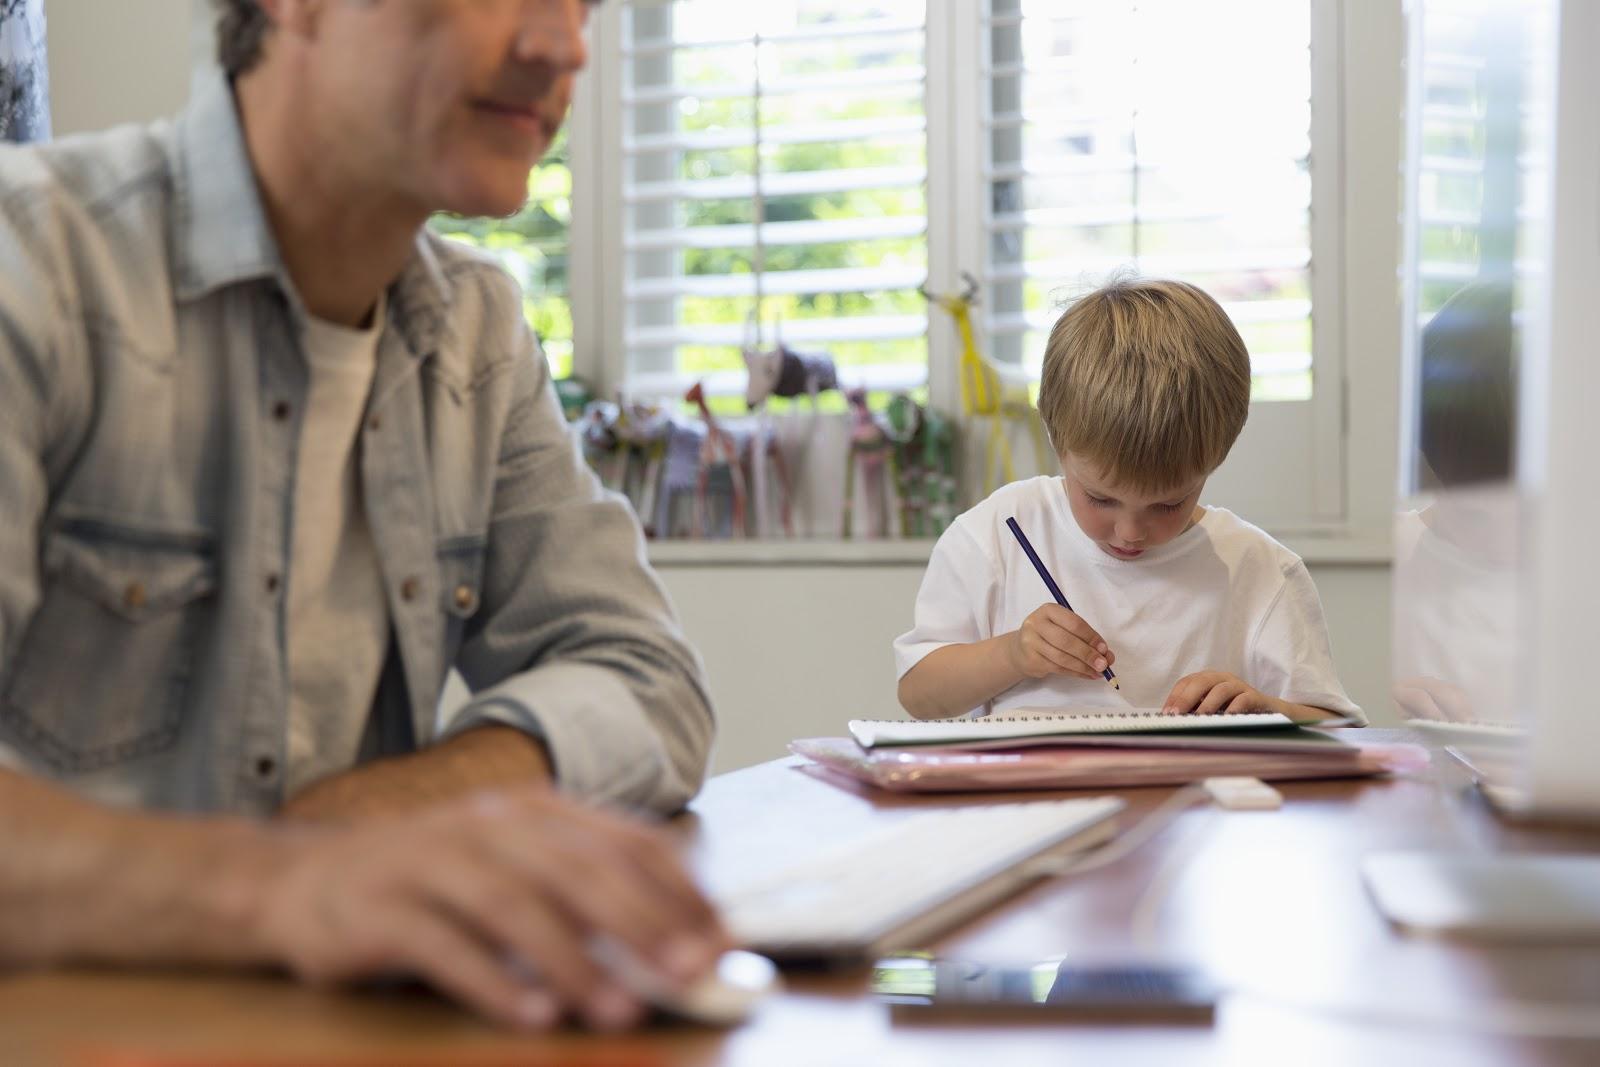 Foto de um pai e um filho sentados em uma mesa, enquanto o pai realiza suas atividades de teletrabalho, a criança realiza suas atividades escolares.